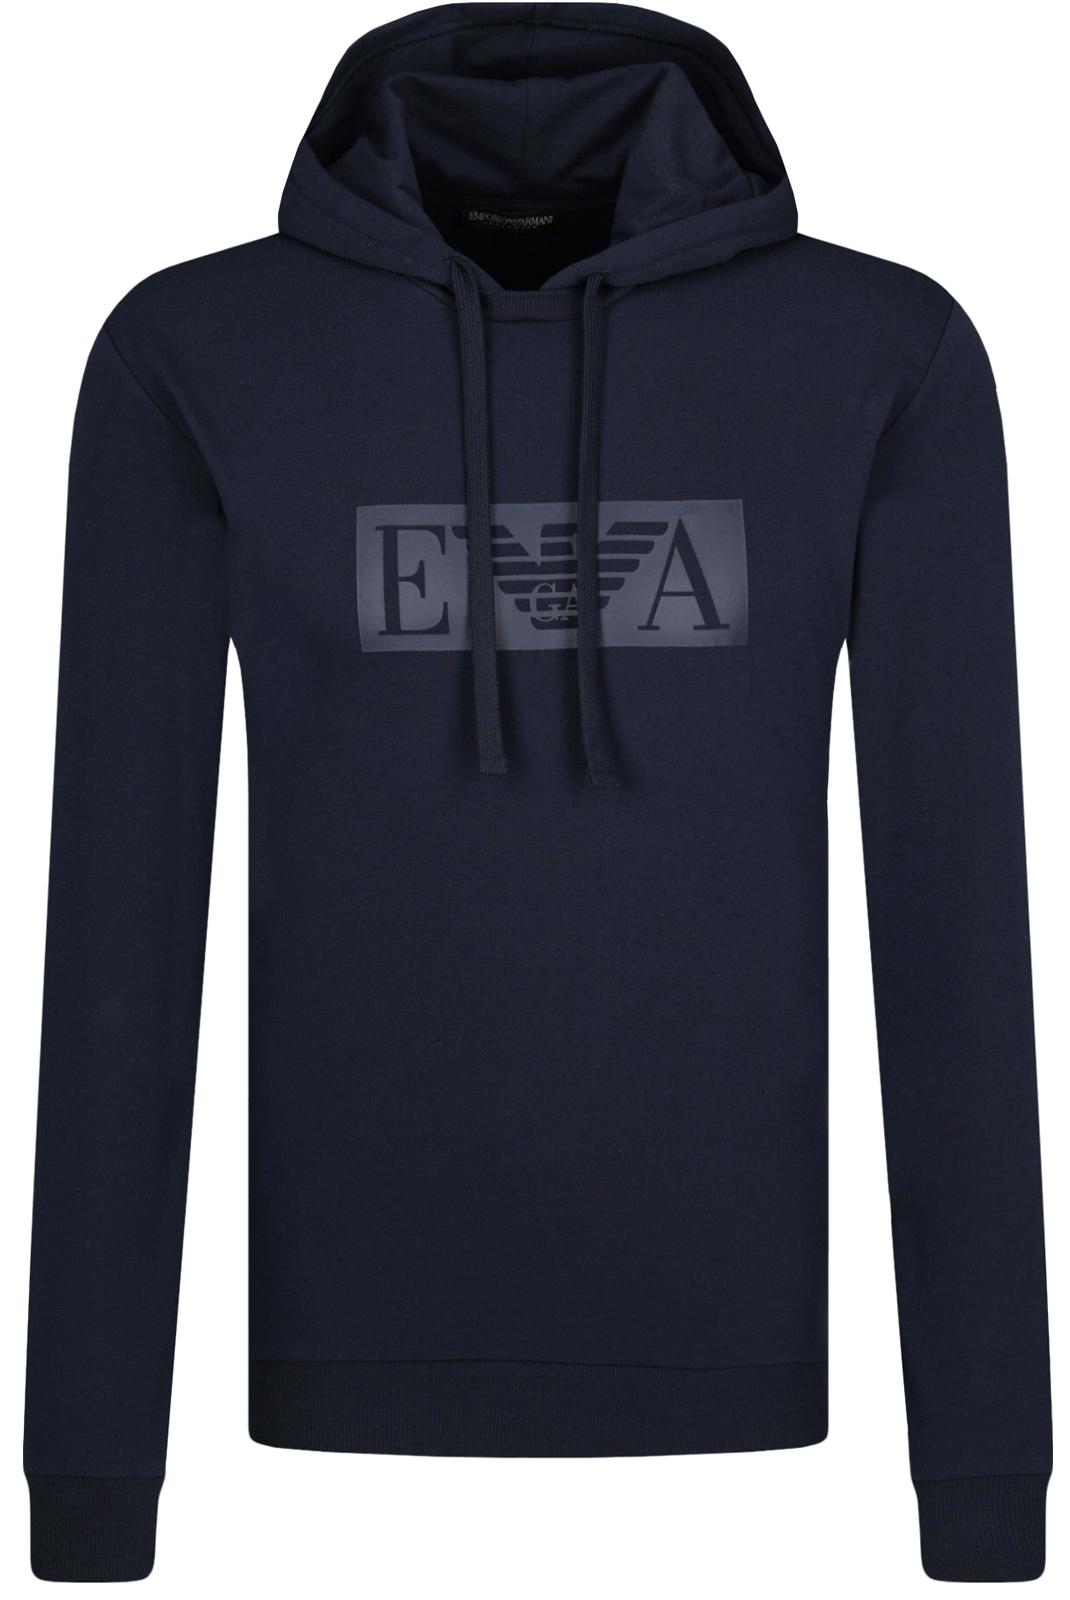 Sweatshirts  Emporio armani 111698 0A566 00135 BLUE